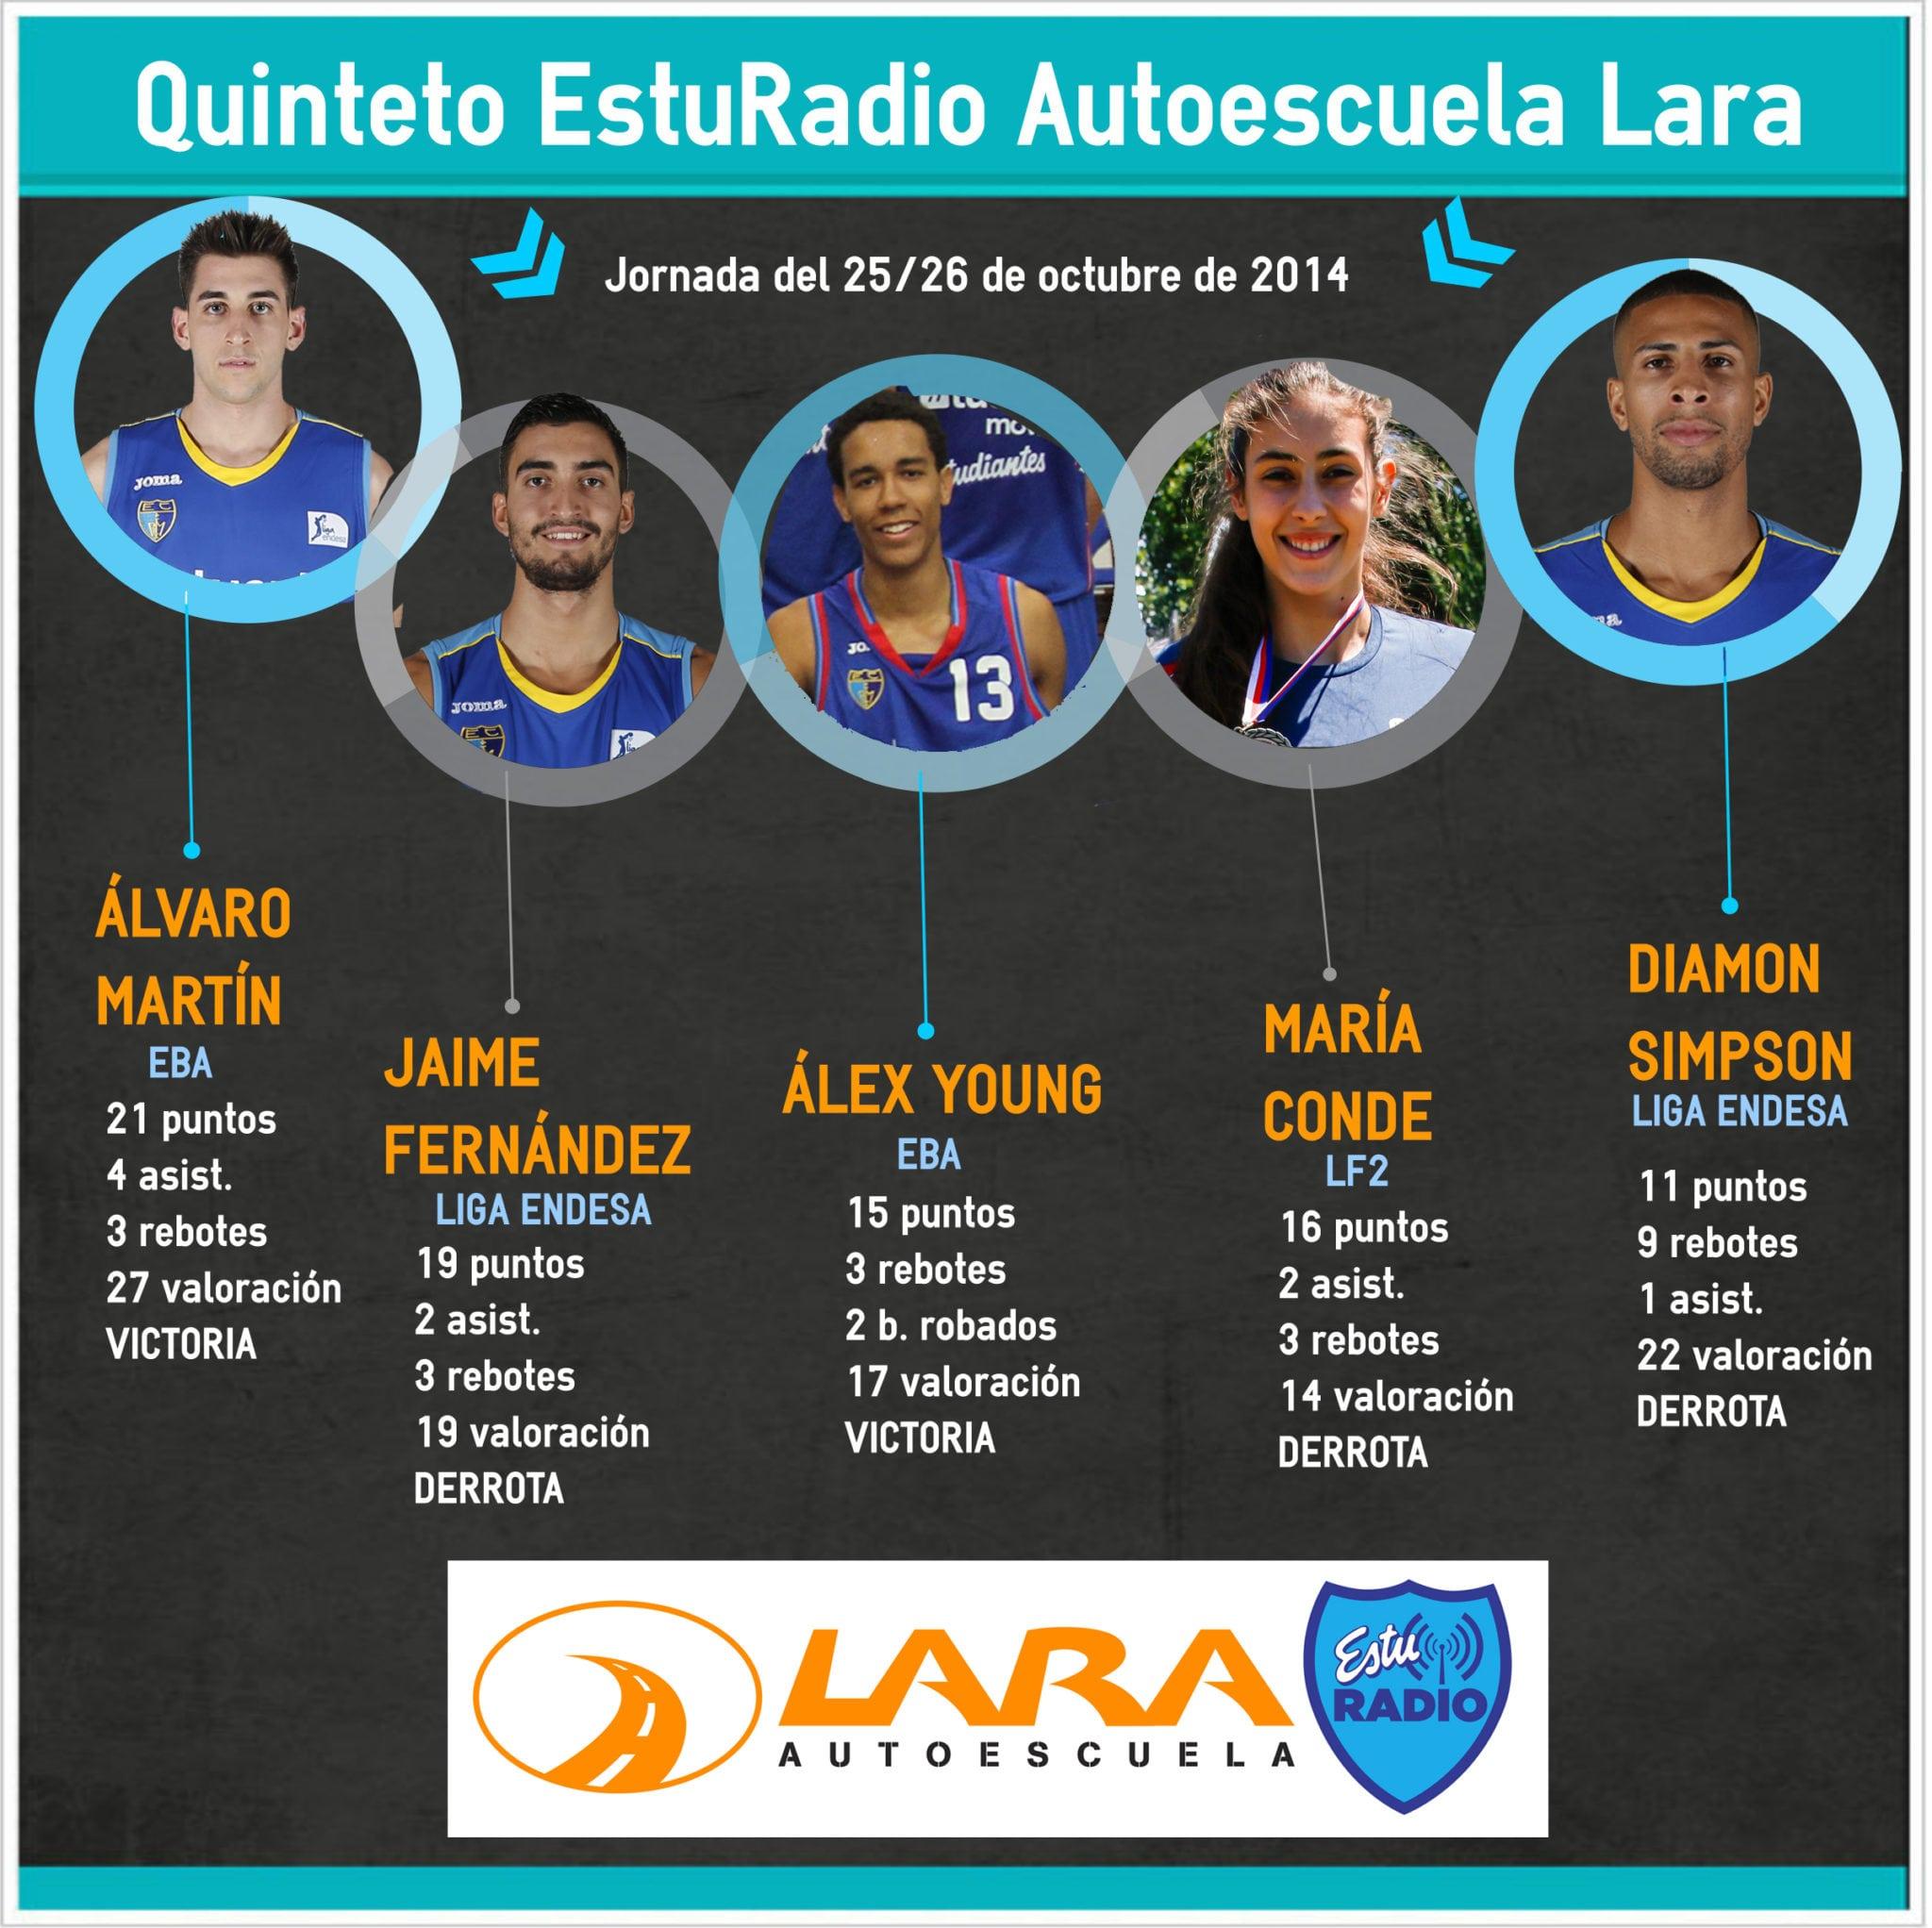 Quinteto Autoescuela Lara 25/26 oct: Martín, Fernández, Young, Conde y Simpson